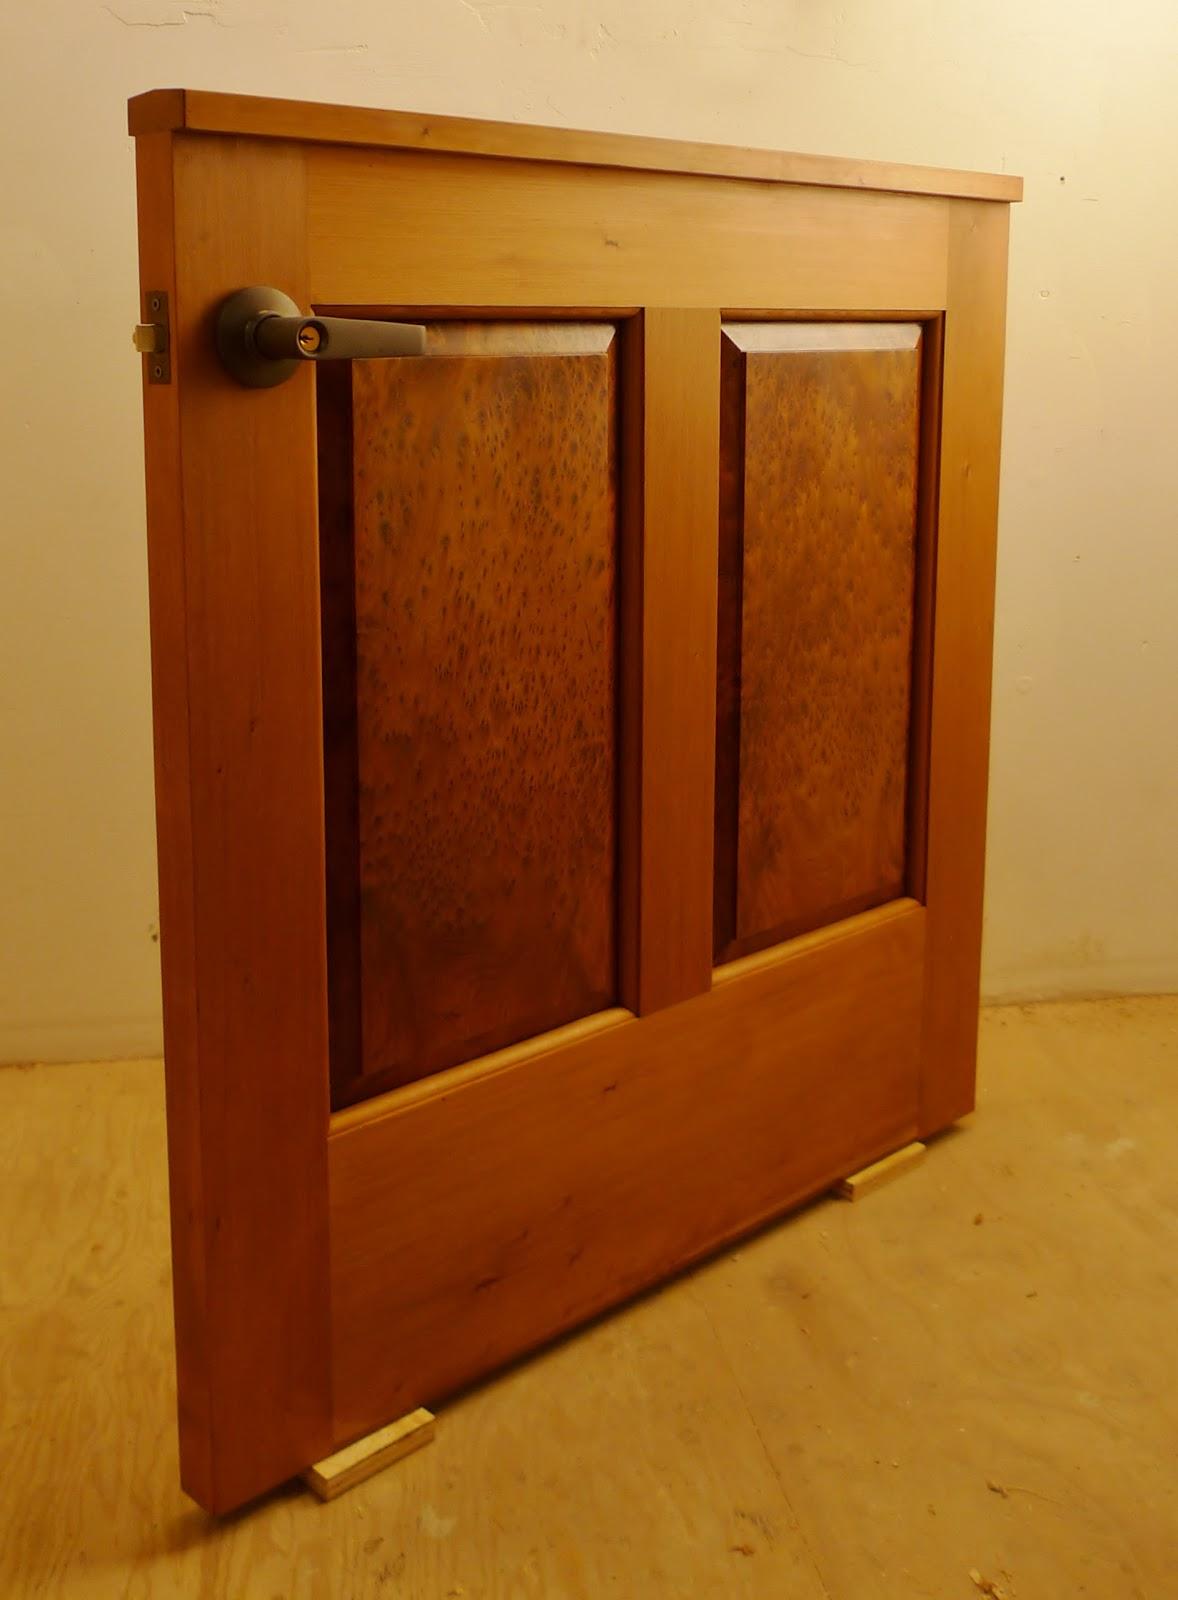 1600 #AC5300 LARKIN FINE FURNITURE: Doors/ Millwork picture/photo Millwork Doors 48191178